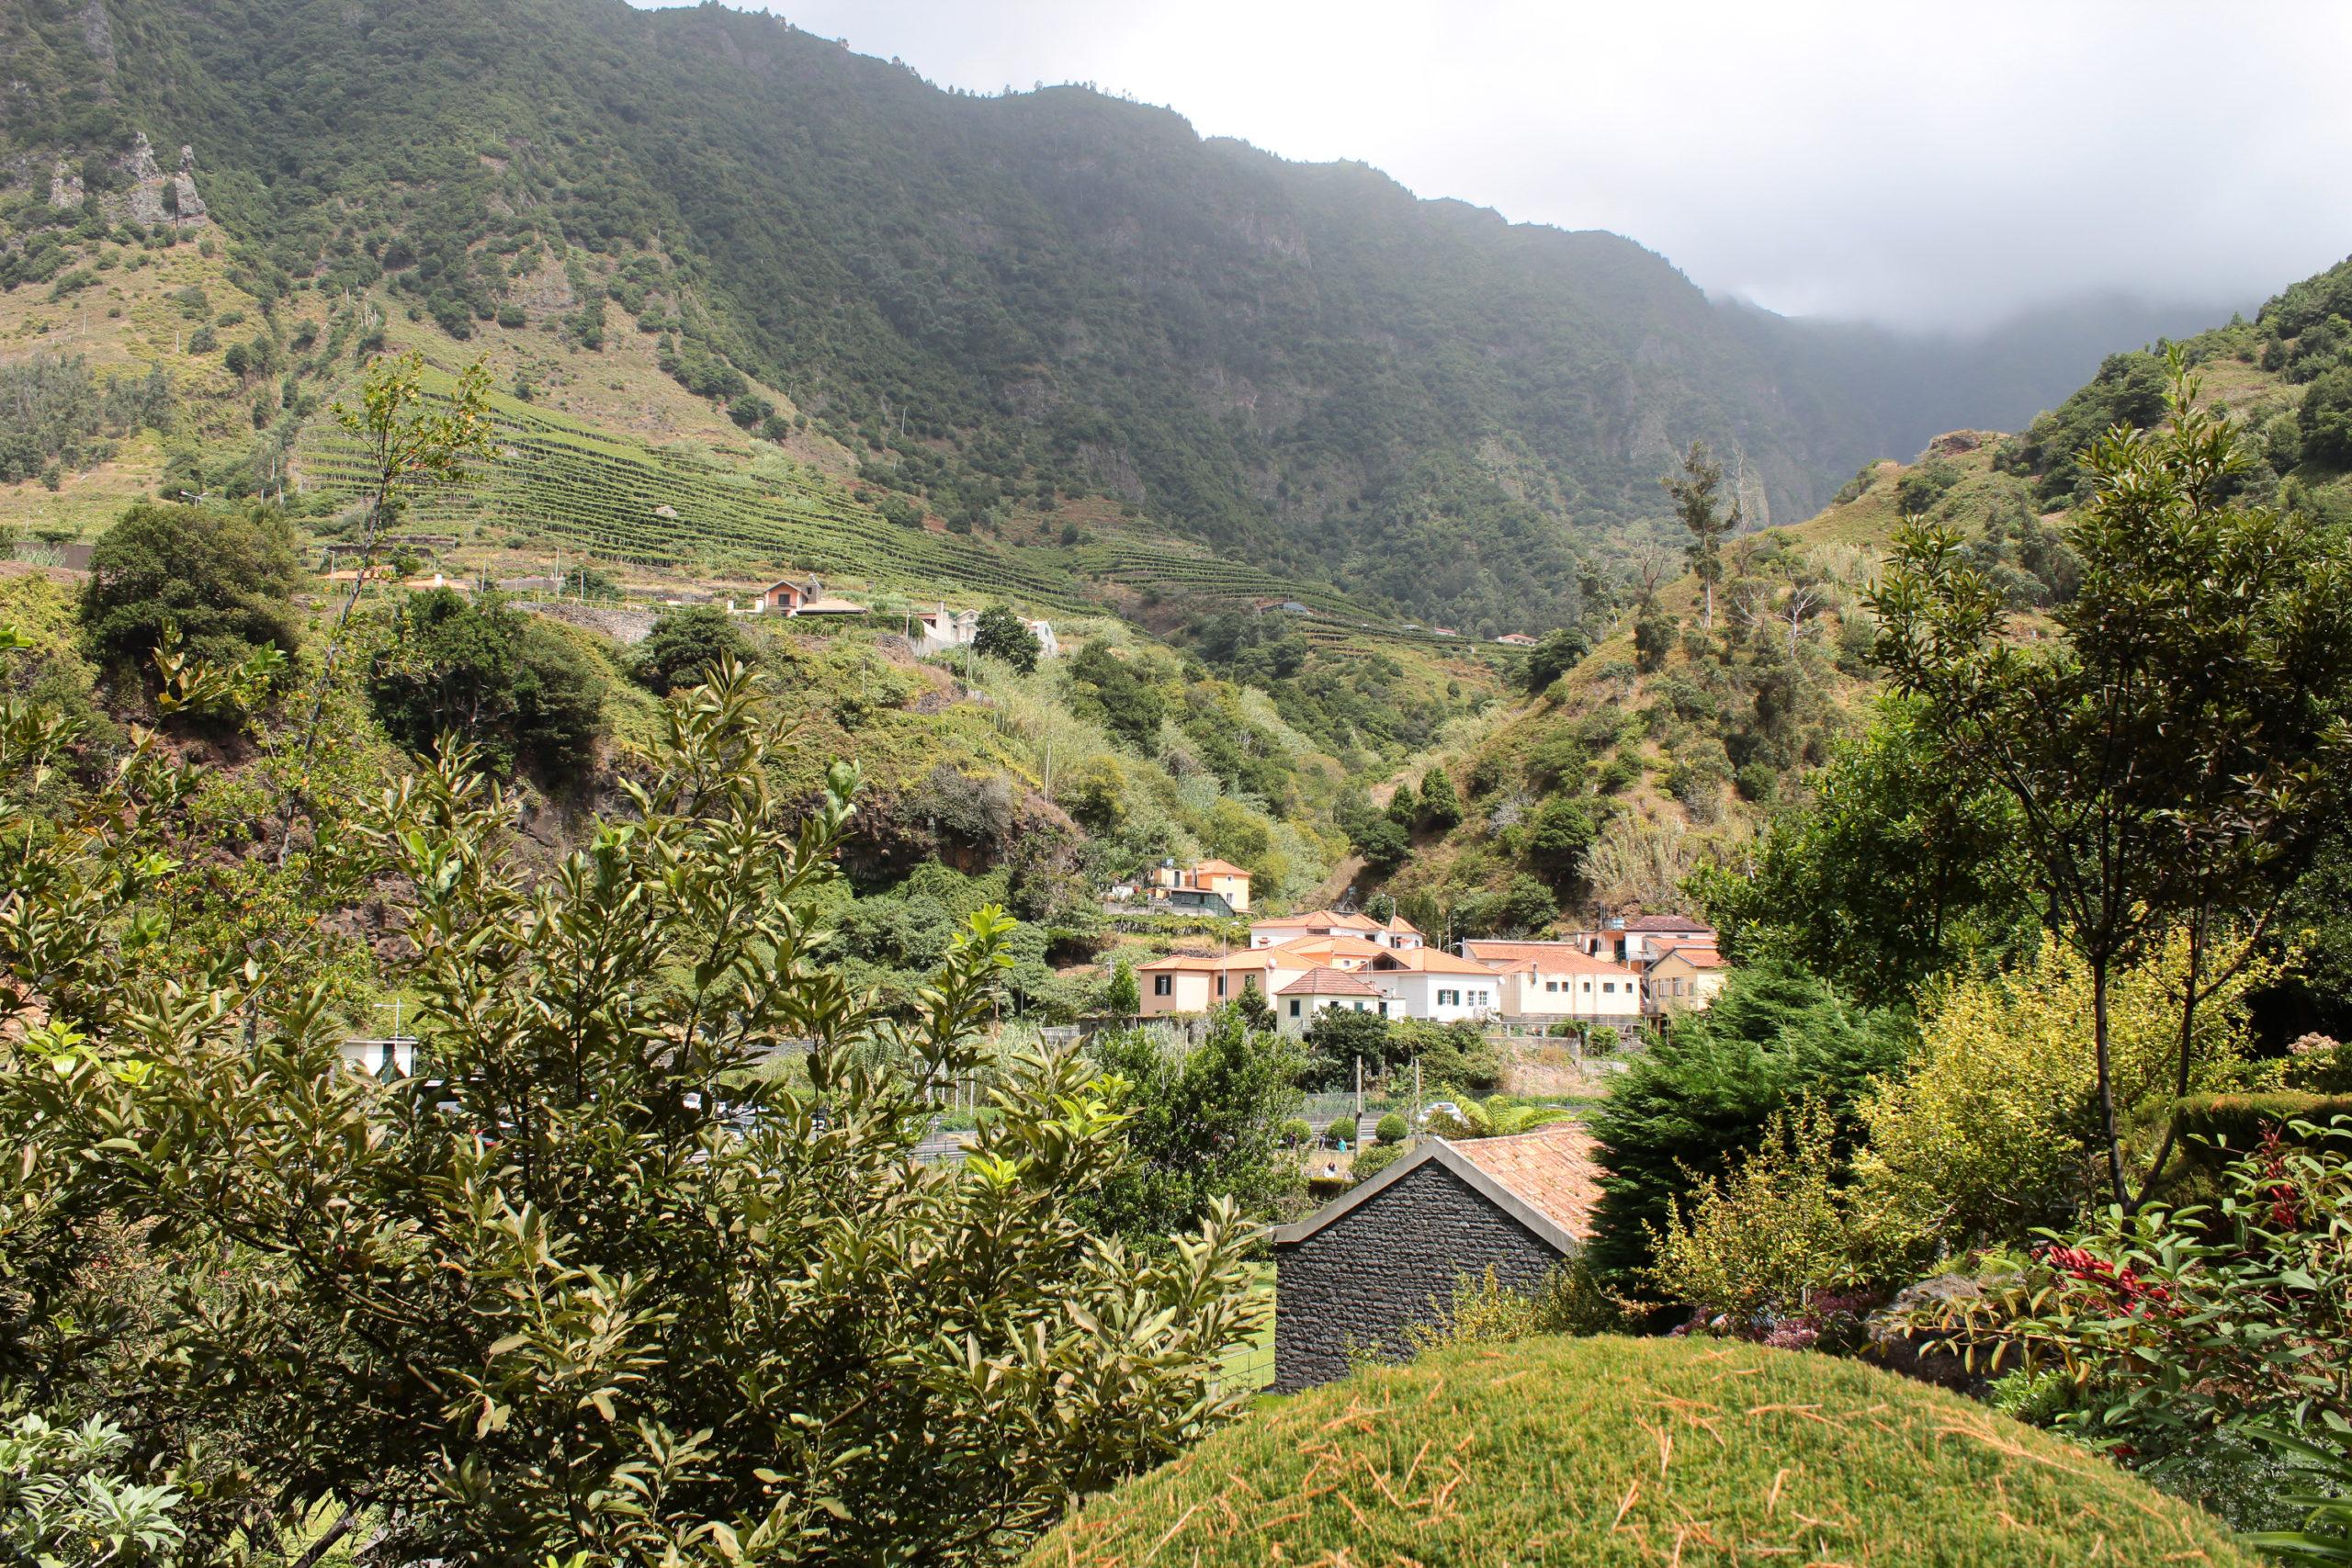 madera widok na góry i budynki